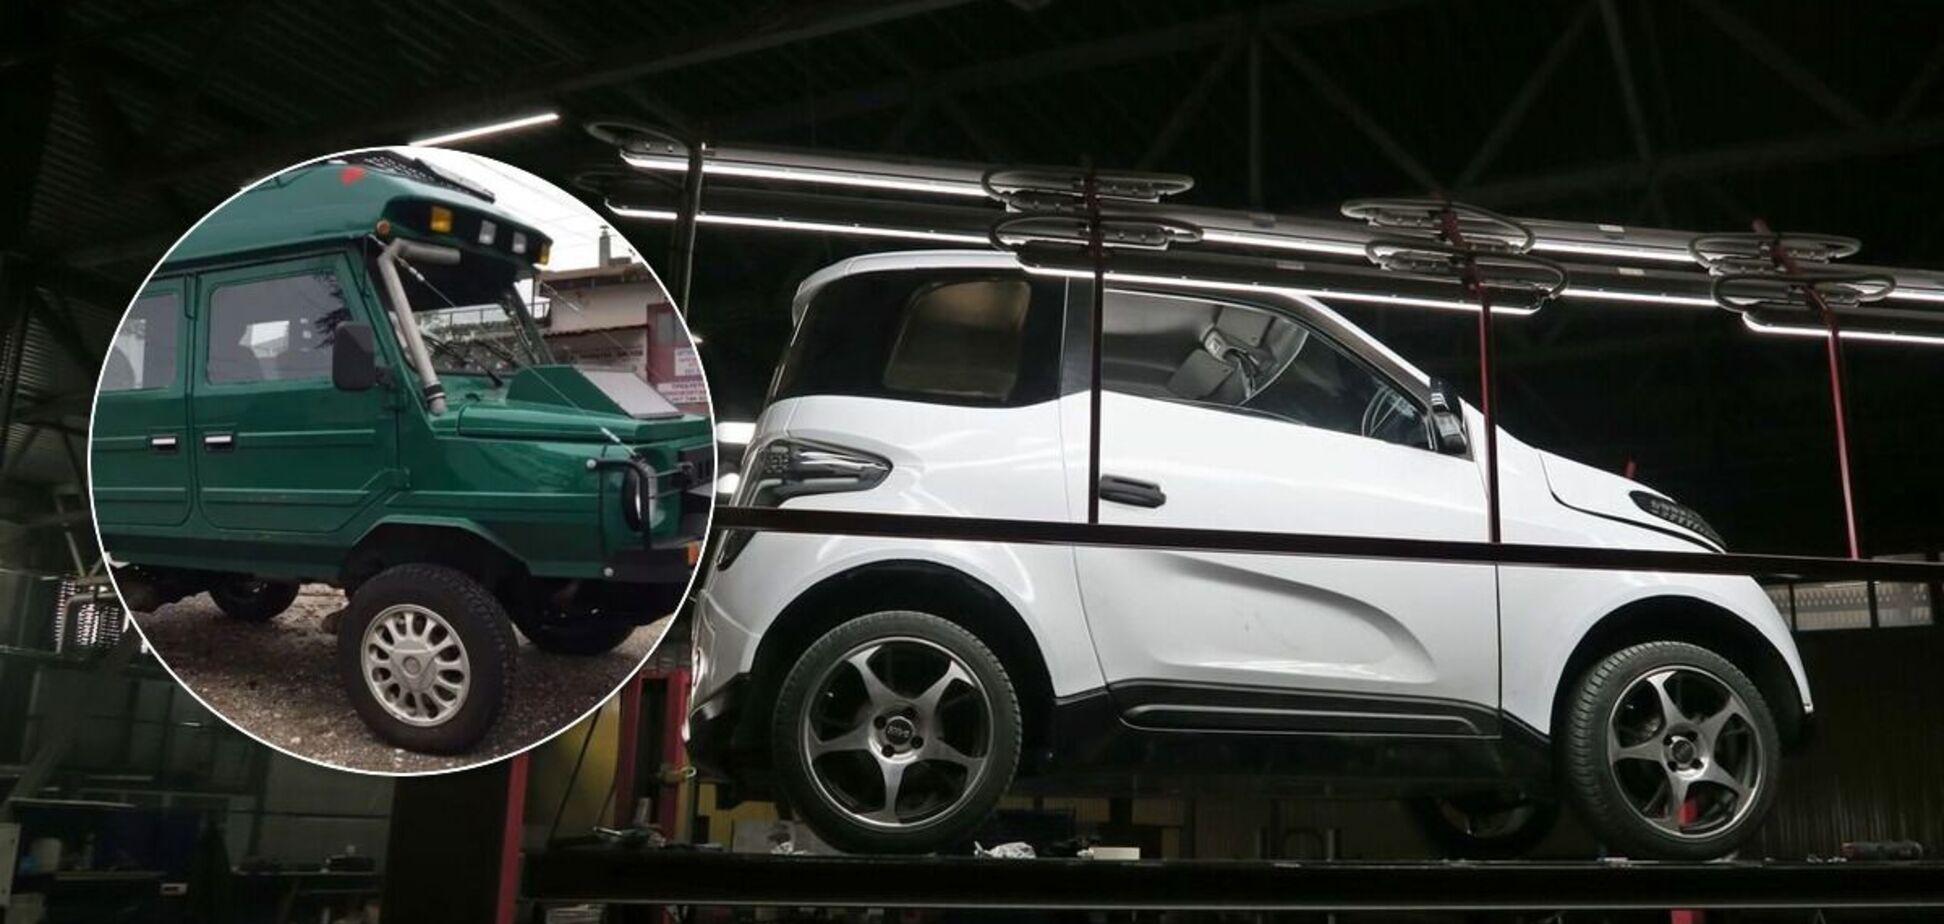 Ремонт авто за секунду та крутий ЛуАЗ – ТОП тижня